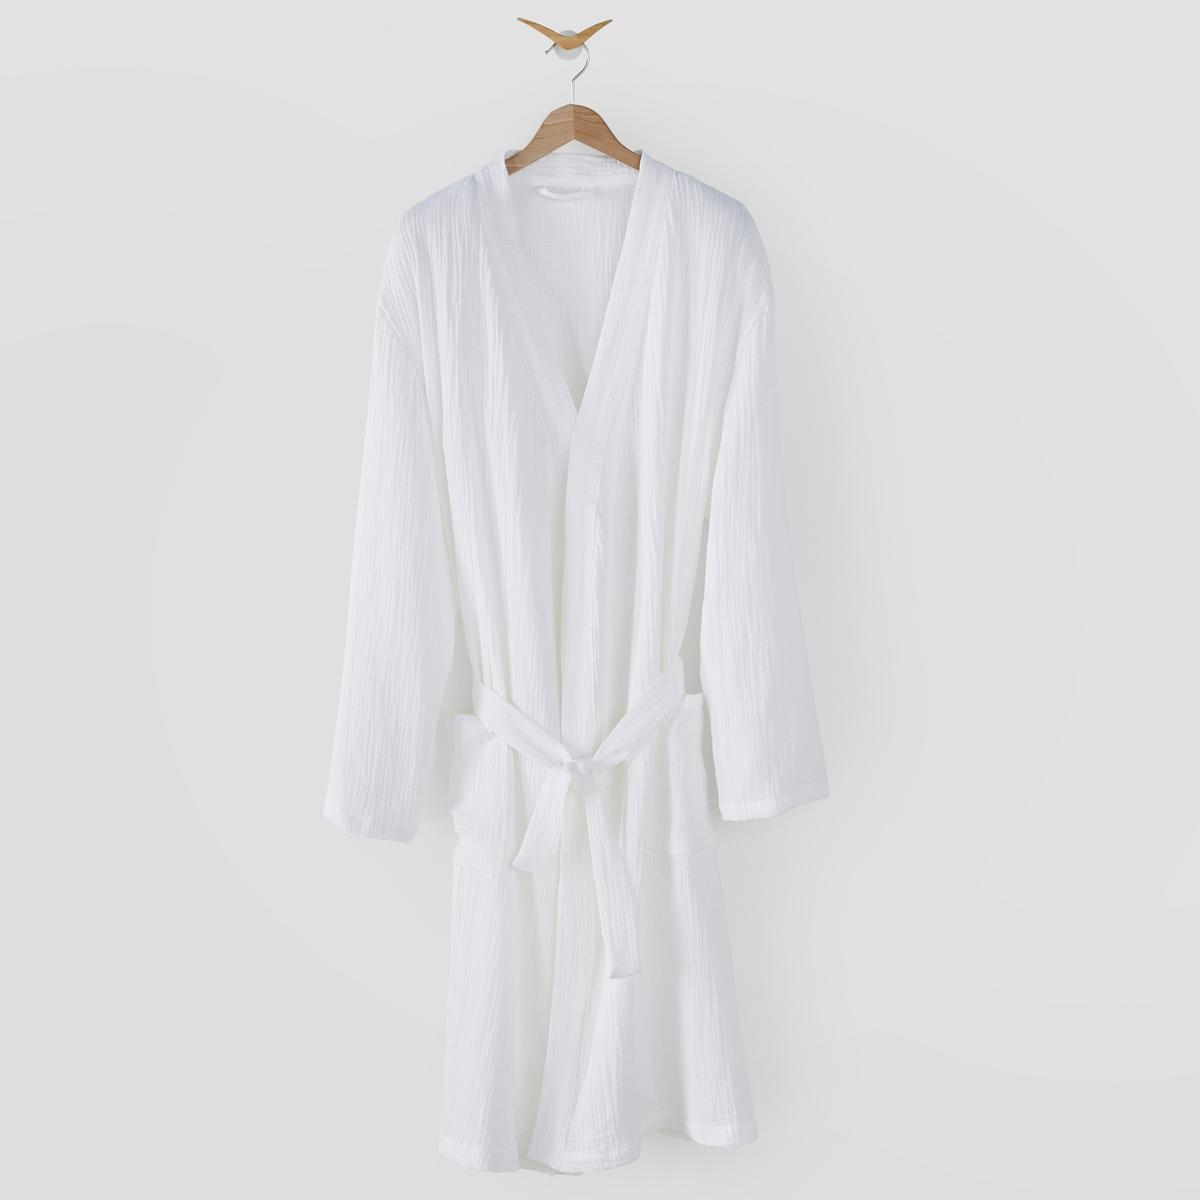 Халат-кимоно La Redoute Из хлопчатобумажной газовой ткани Kumla 46/48 (FR) - 52/54 (RUS) белый